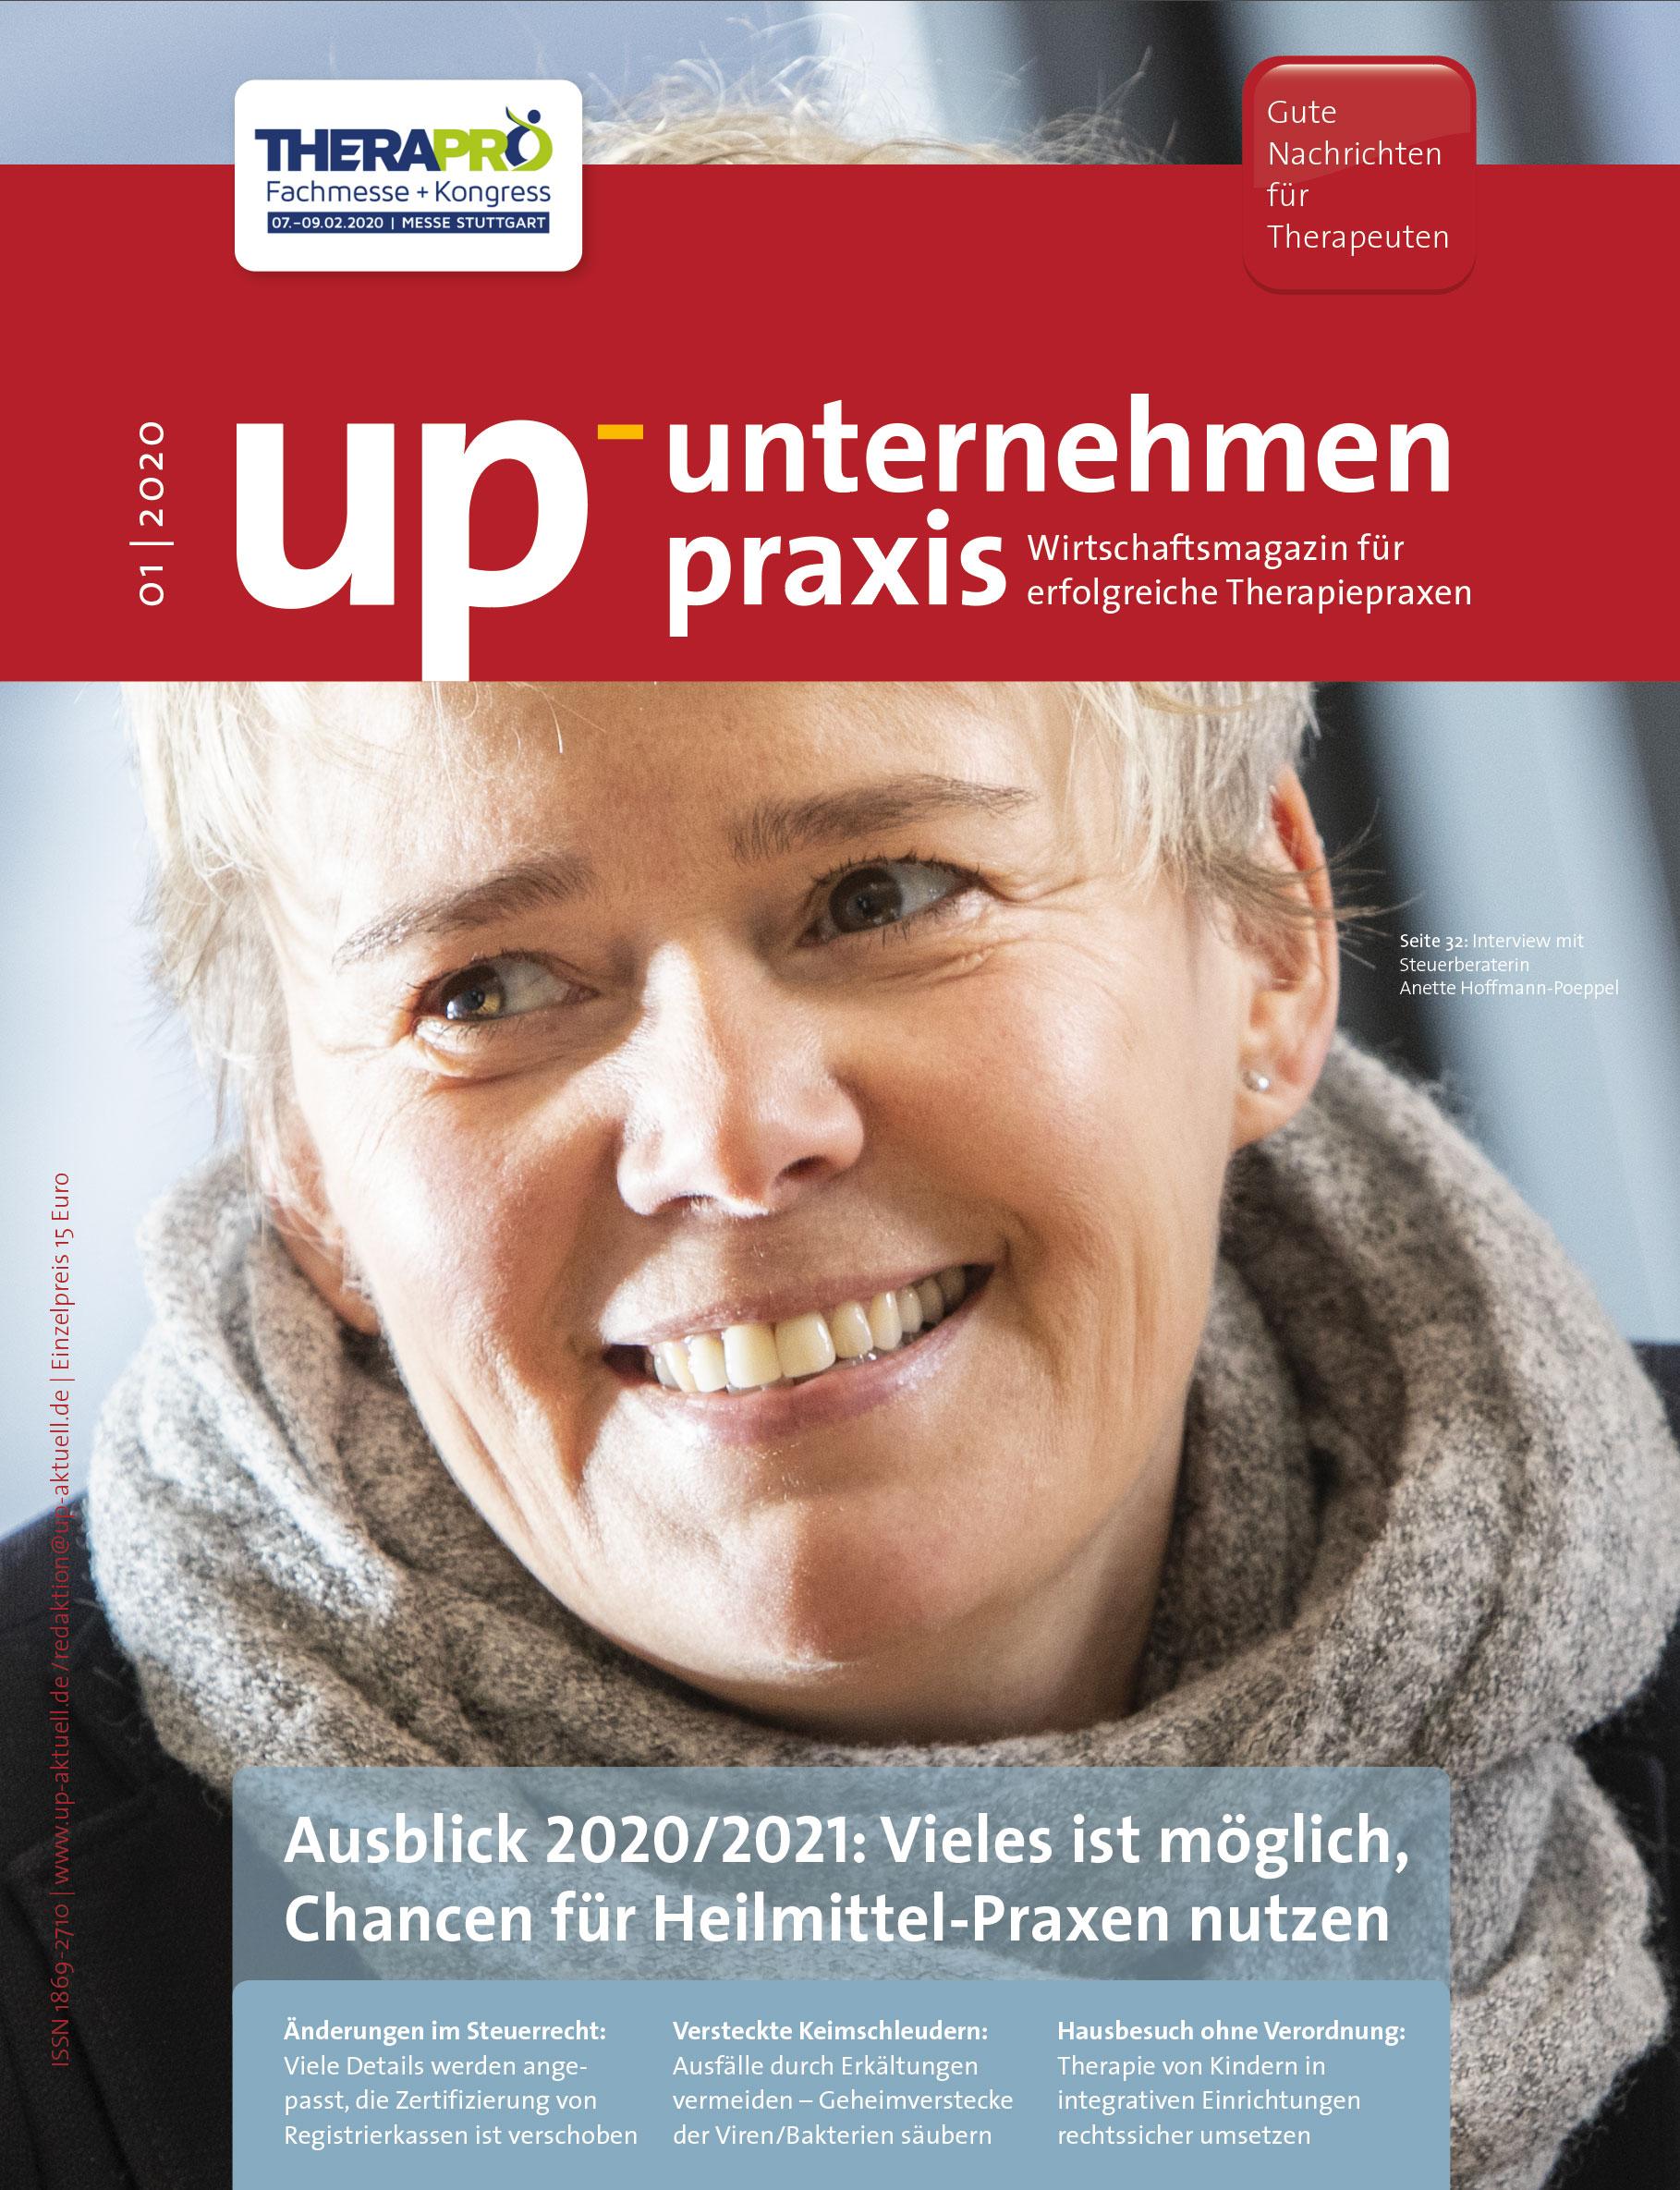 Ausgabe 01/2020 Ausblick 2020/2021: Vieles ist möglich, Chancen für Heilmittel-Praxen nutzen